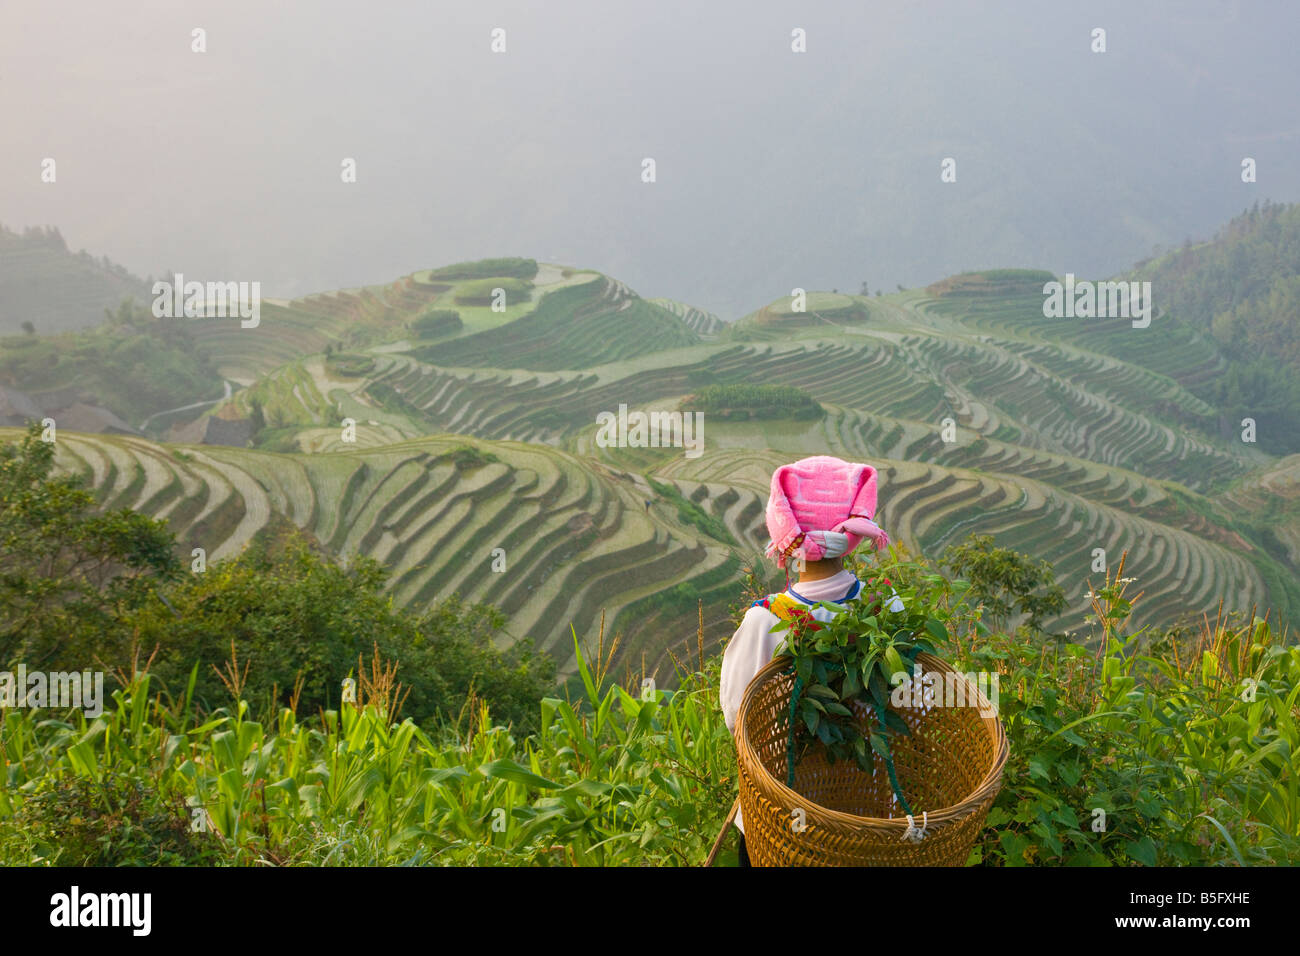 Zhuang girl carrying basket with rice terraces Longsheng Guangxi China - Stock Image